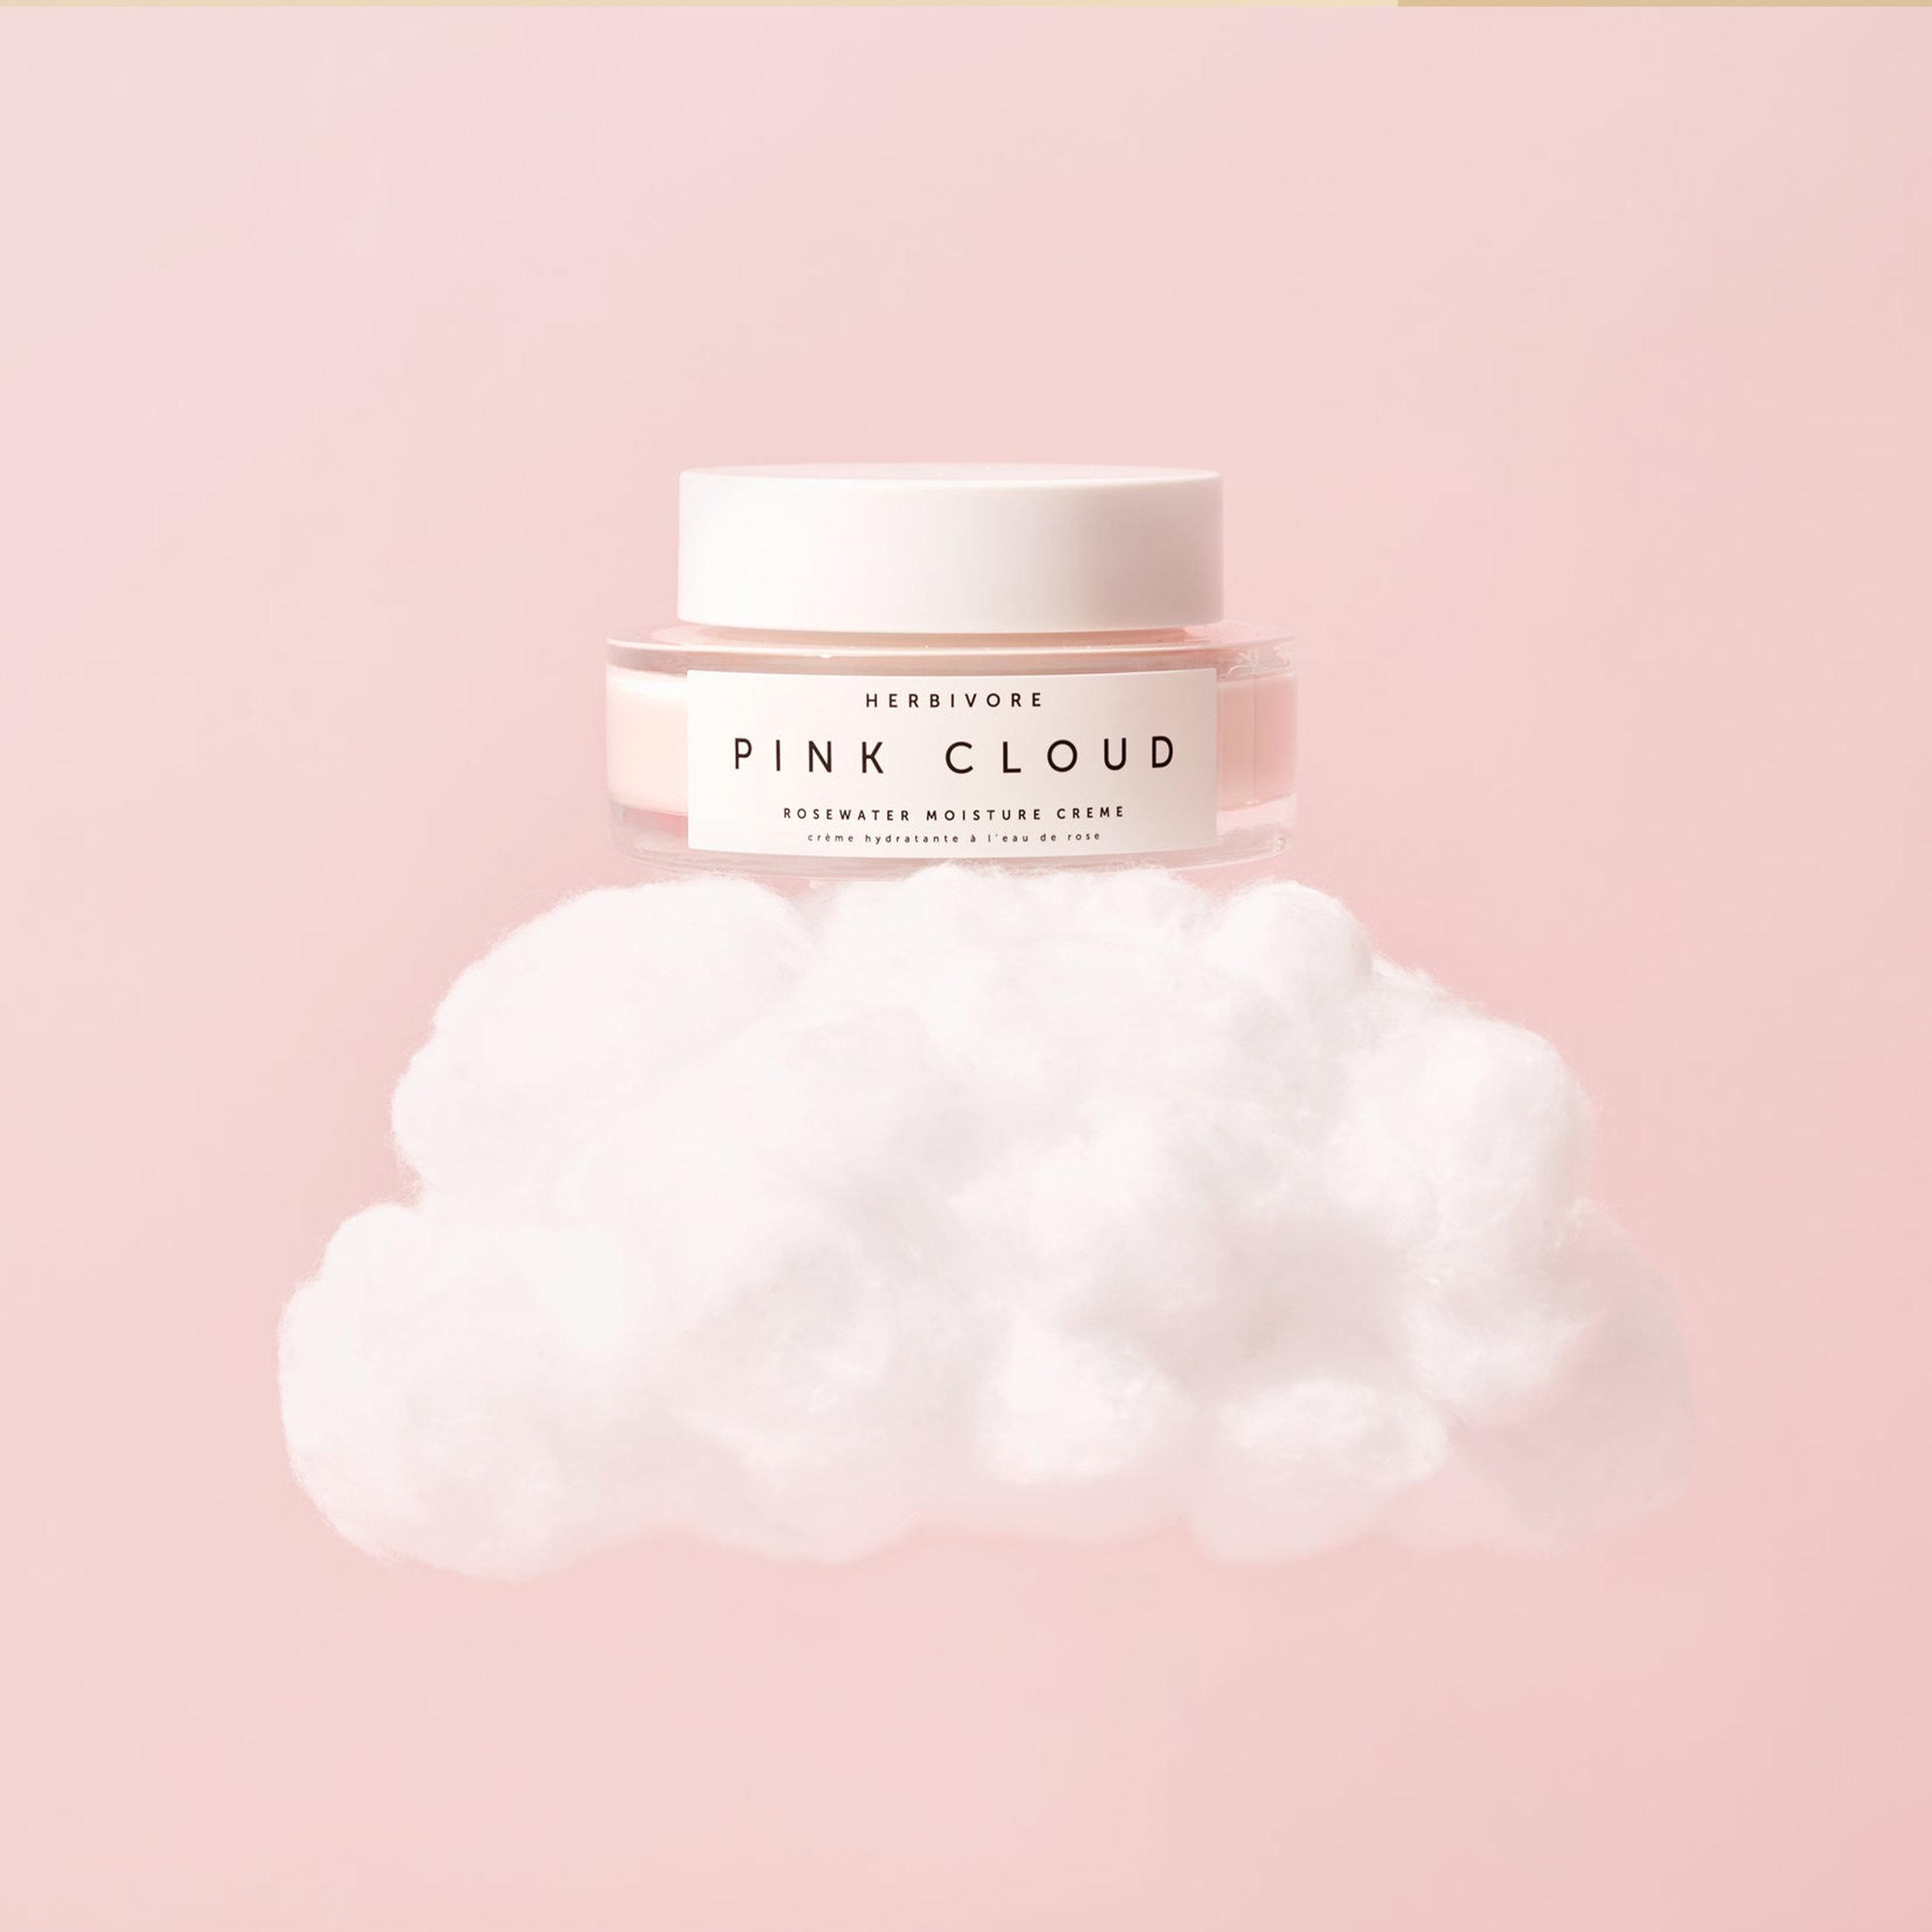 herbivore pink cloud launch